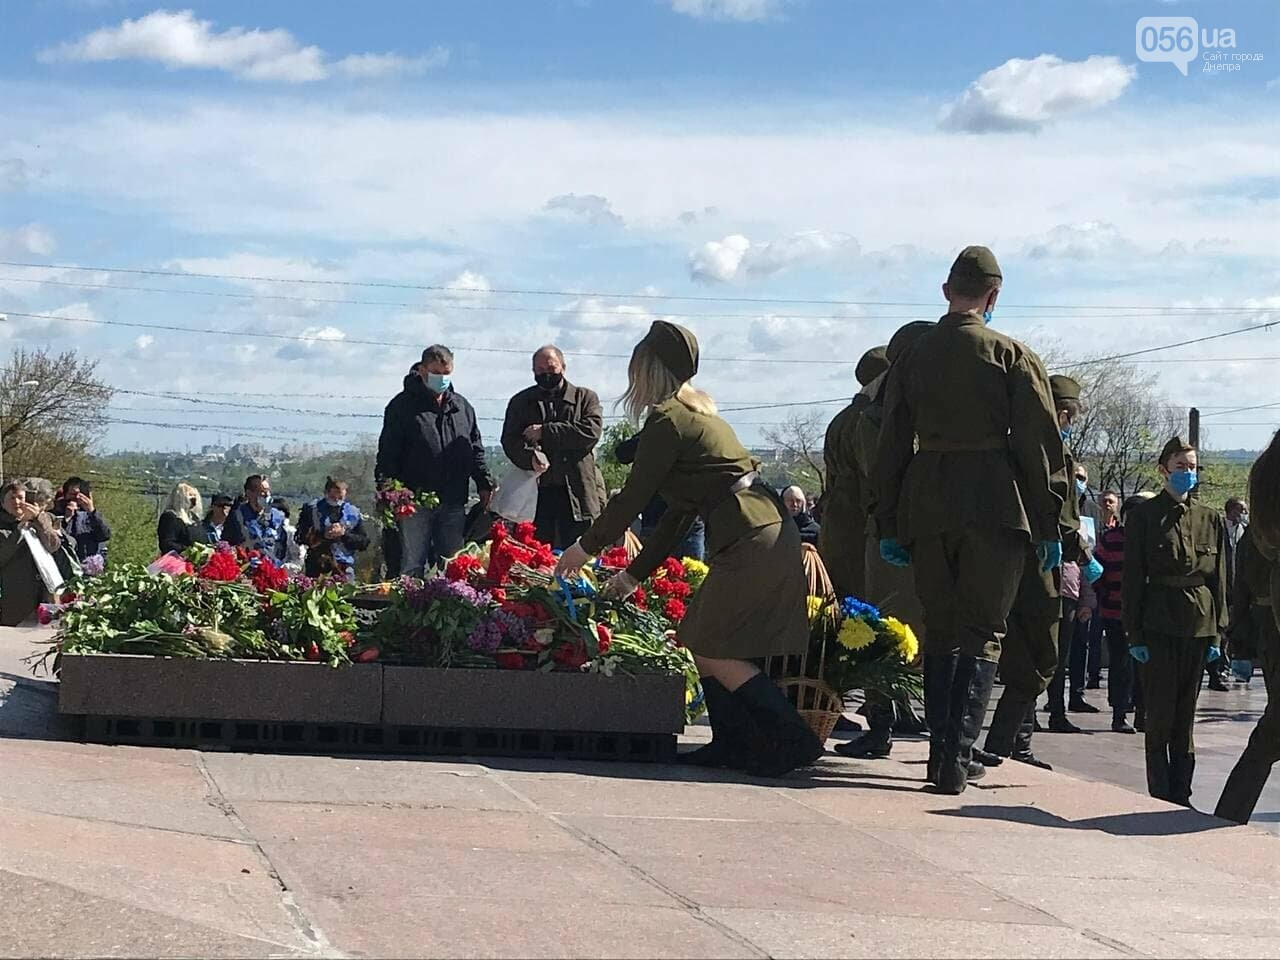 Именные значки и дети в советской форме: в Днепре Вилкул снова превратил праздник в пиар, фото-4